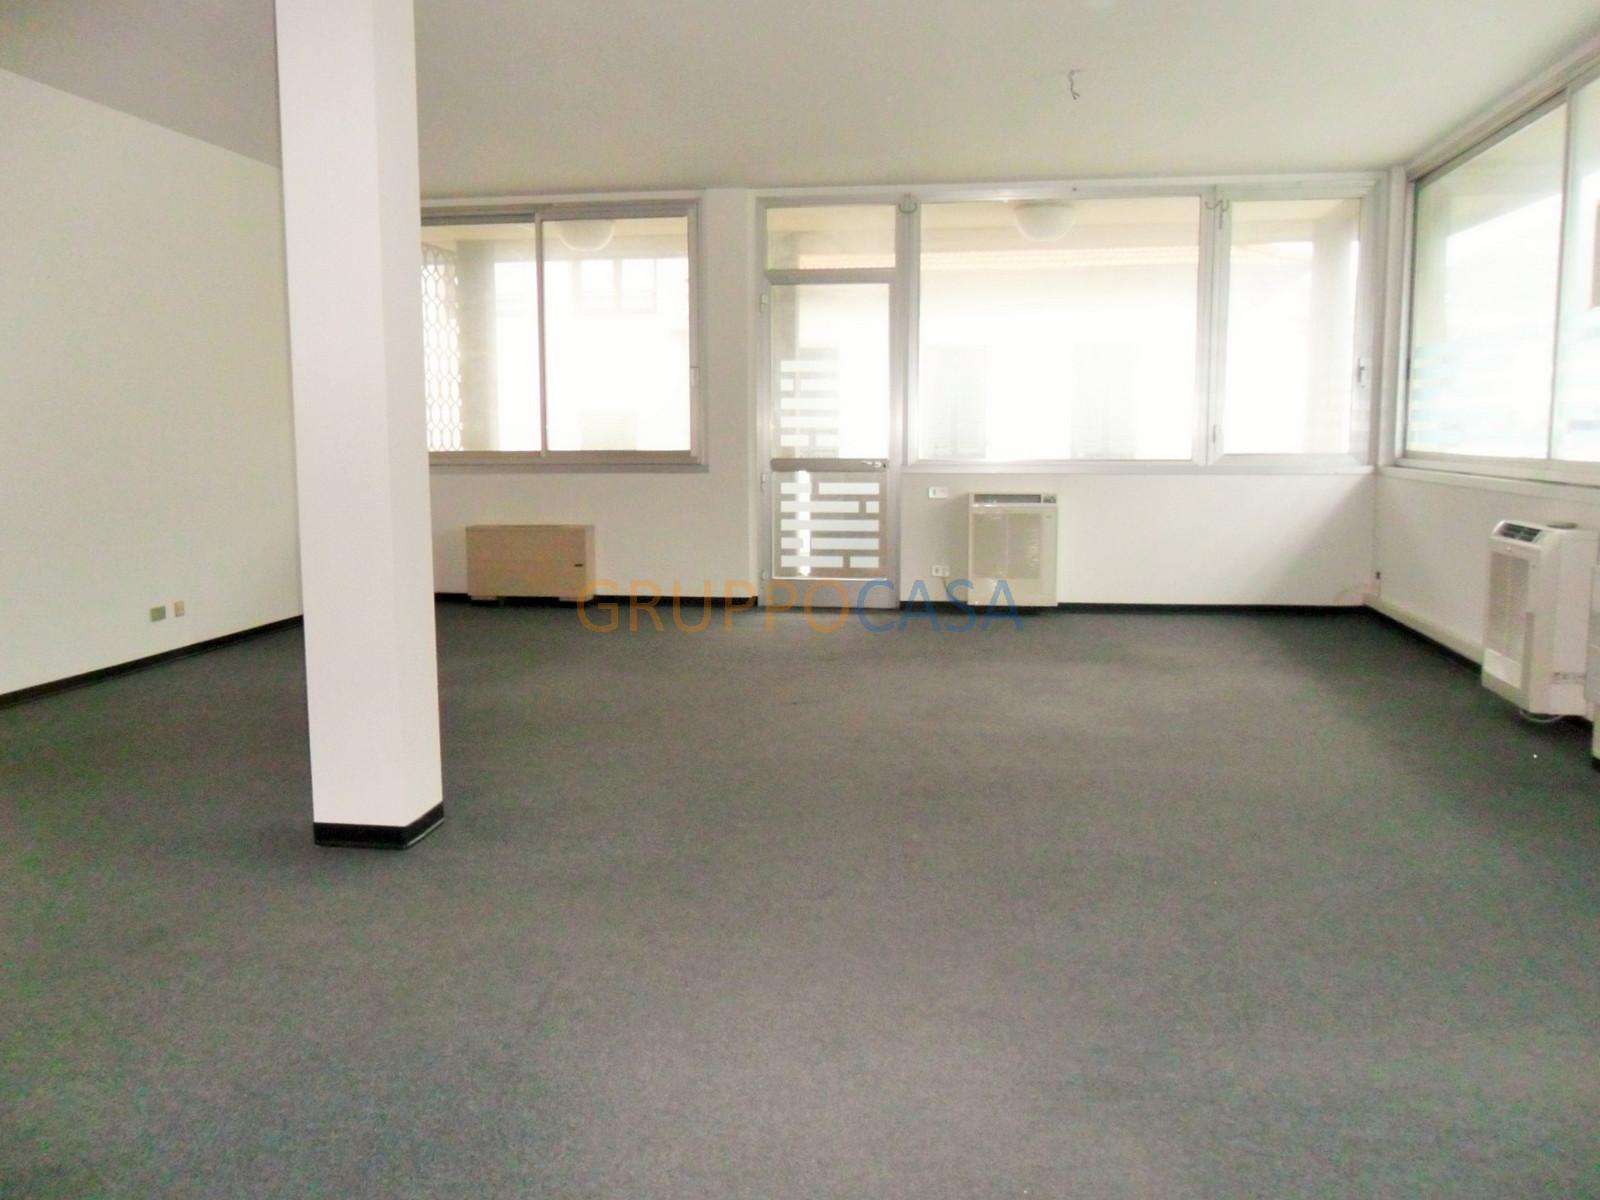 Ufficio / Studio in vendita a Pescia, 9999 locali, zona Località: Centro, prezzo € 85.000 | CambioCasa.it